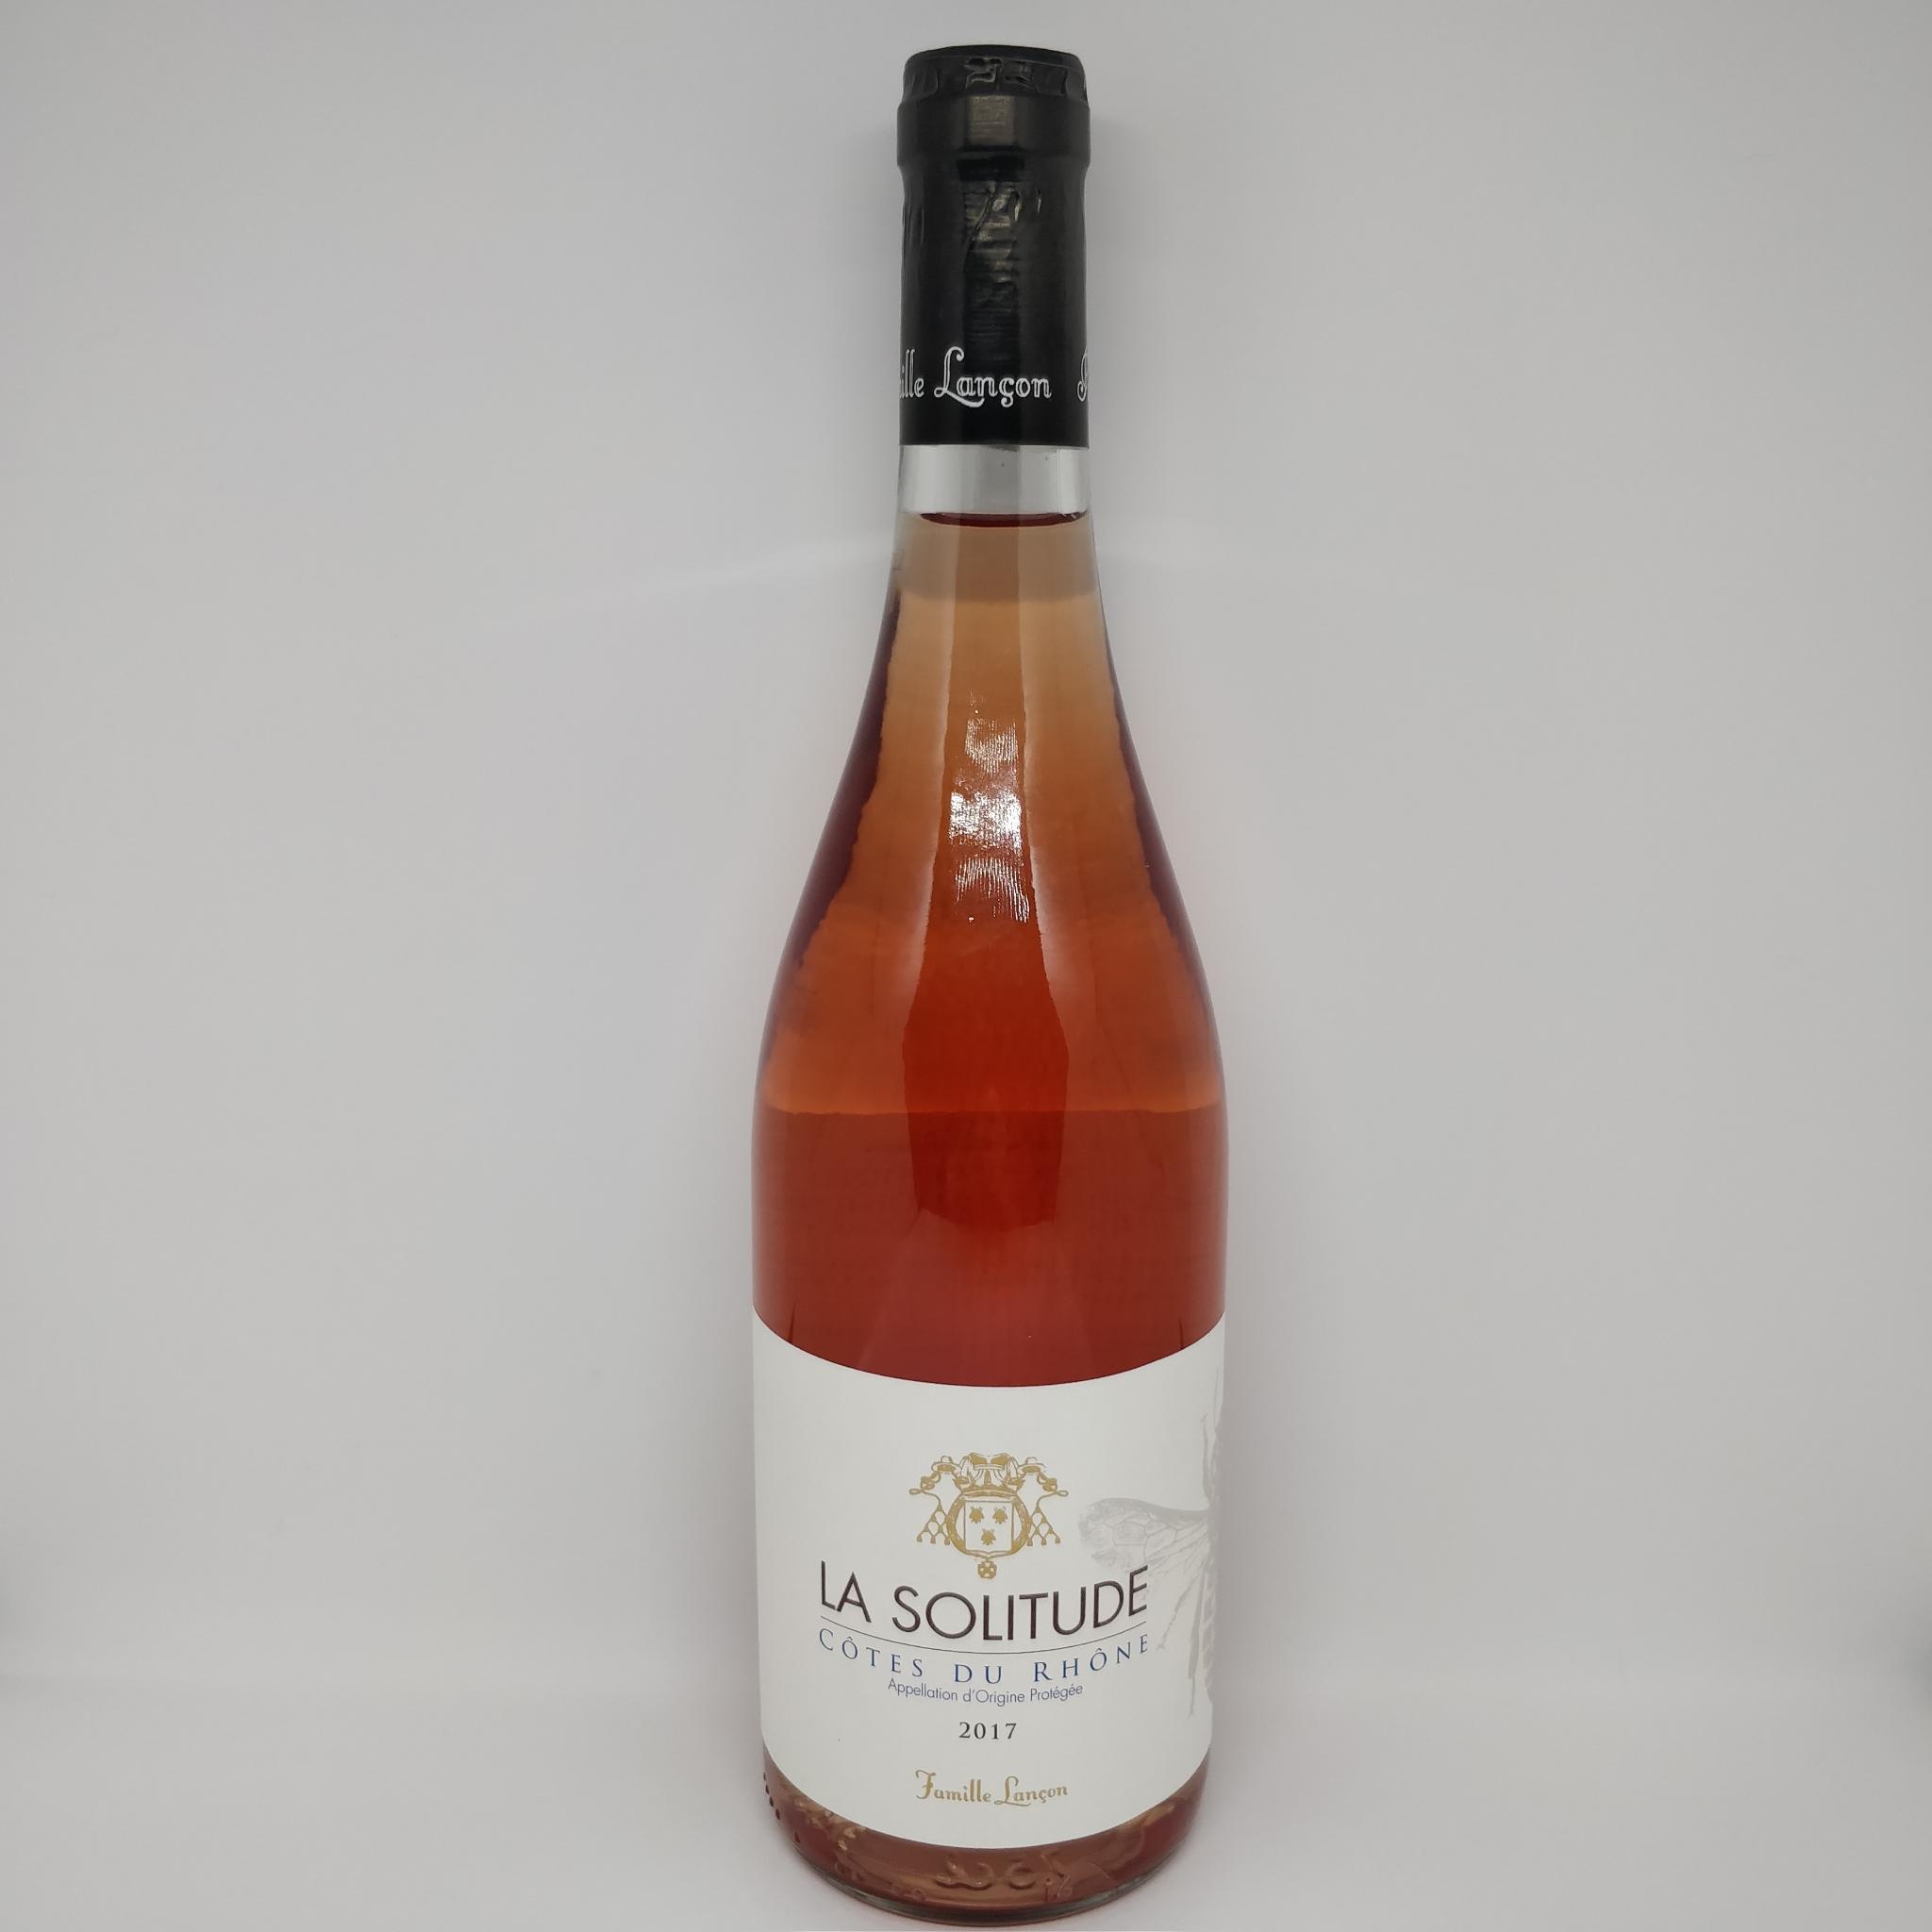 La Solitude - Côtes de Rhône rosé